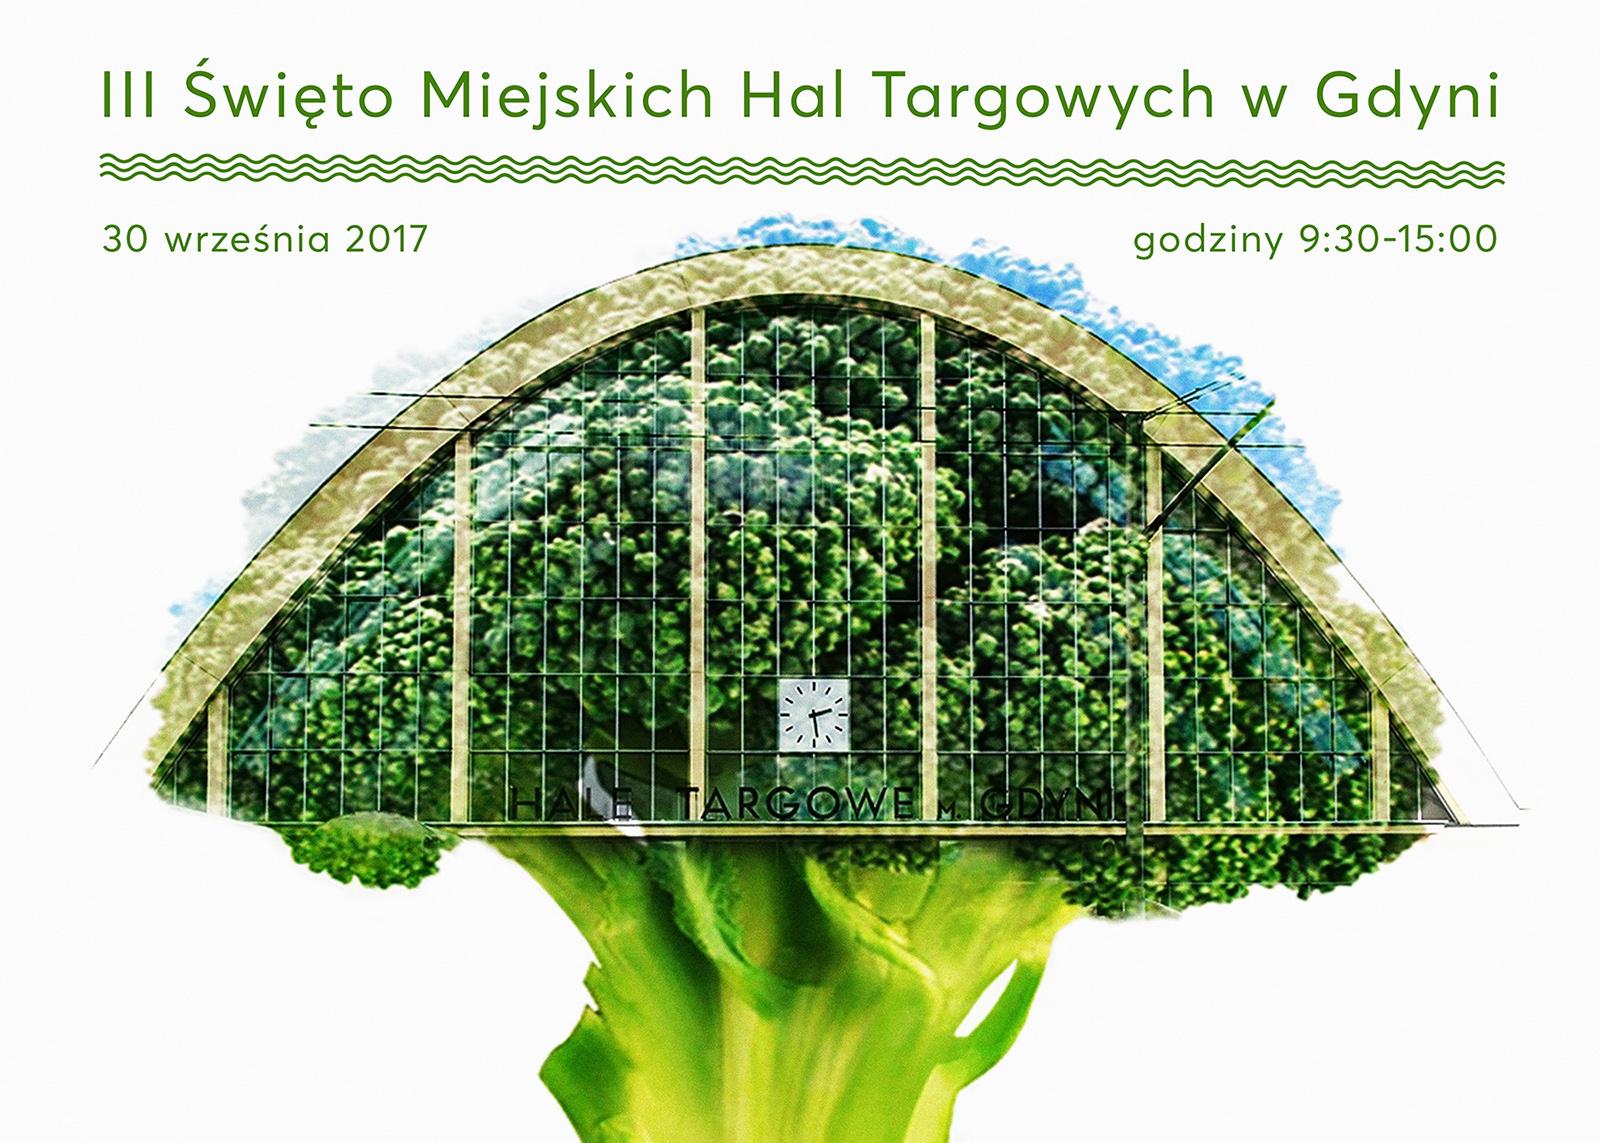 Plakat informacyjny i grafika Święta Miejskich Hal Targowych w Gdyni